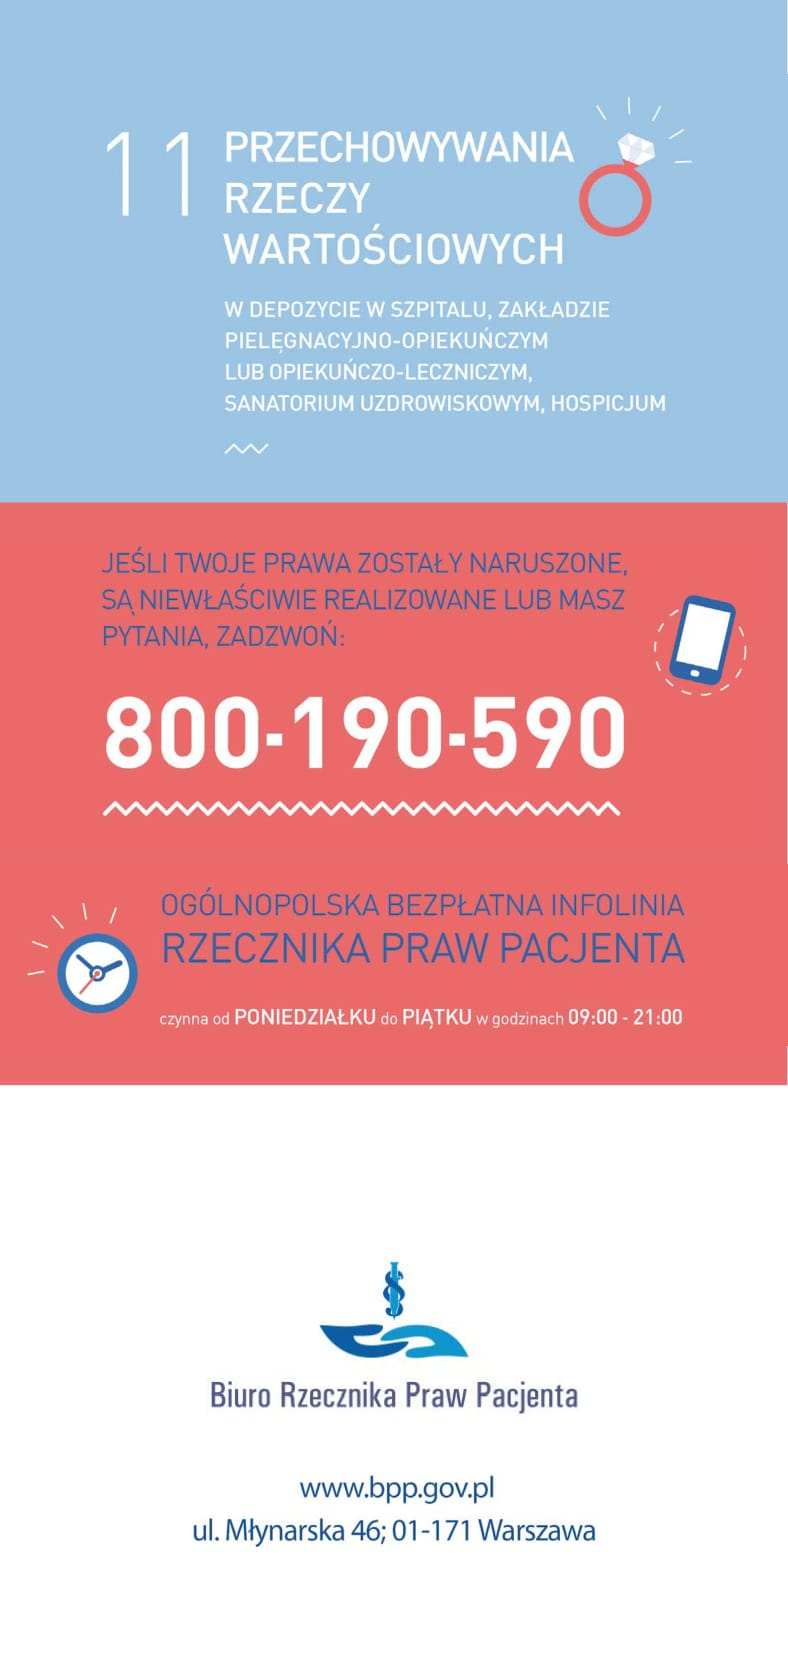 ulotka_prawa_pacjenta_2016-4